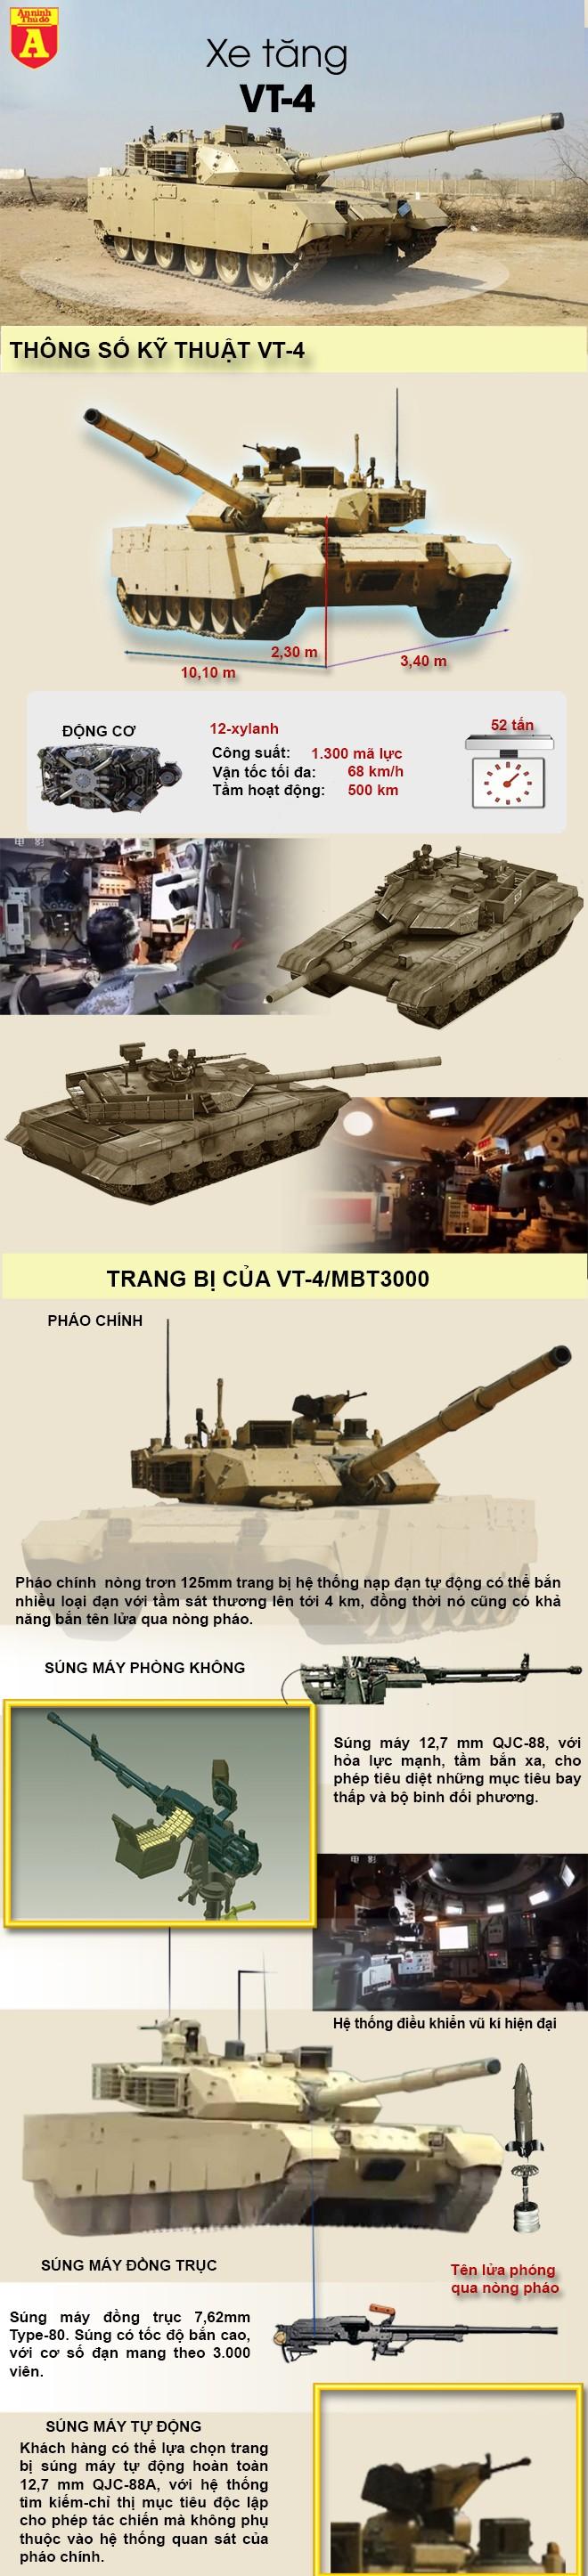 [Infographic] VT-4 Trung Quốc, siêu tăng thực sự hay là kẻ ăn may vĩ đại? ảnh 2